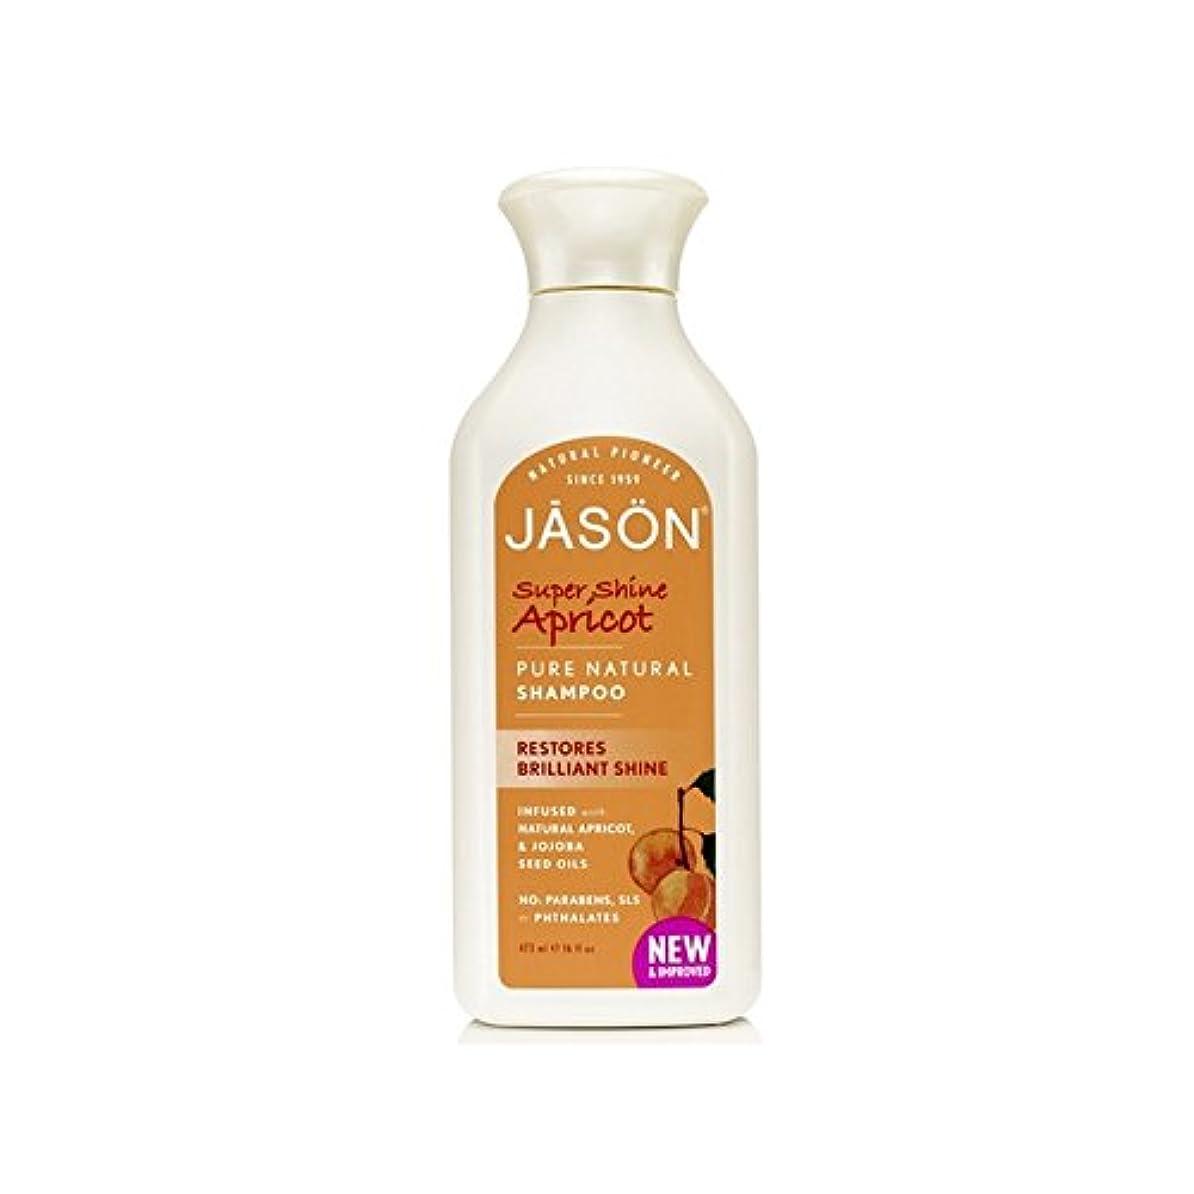 柔らかい足クリエイティブ愛情Jason Organic Apricot Shampoo (473ml) (Pack of 6) - ジェイソン有機アプリコットシャンプー(473ミリリットル) x6 [並行輸入品]